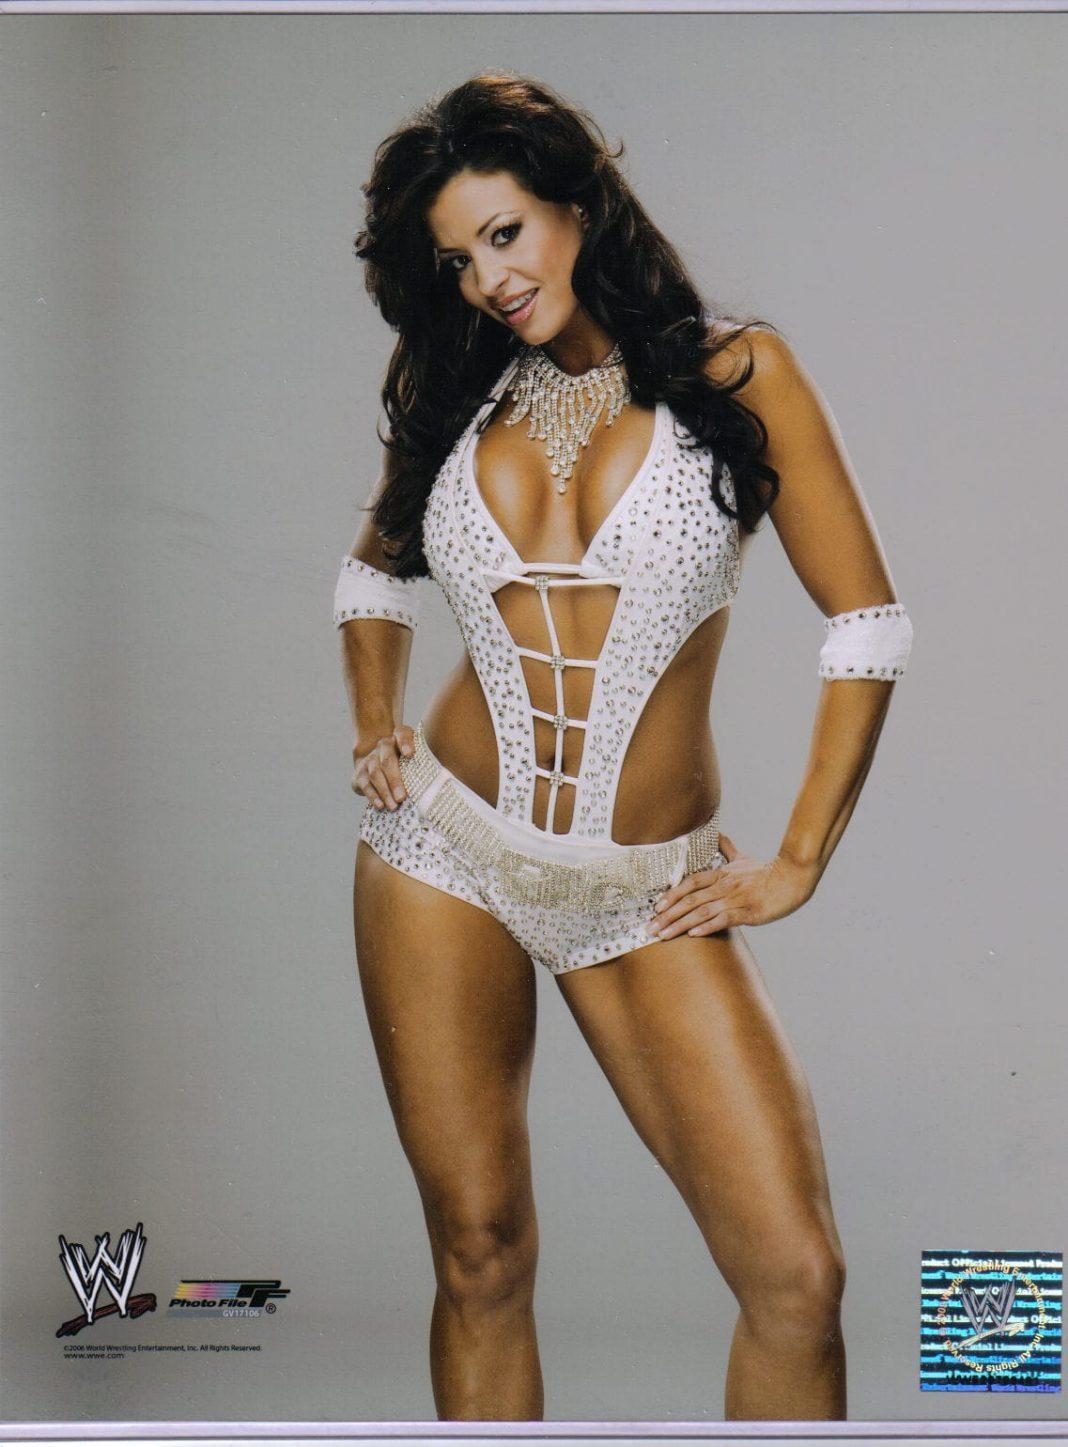 Candice Michelle bikini pics